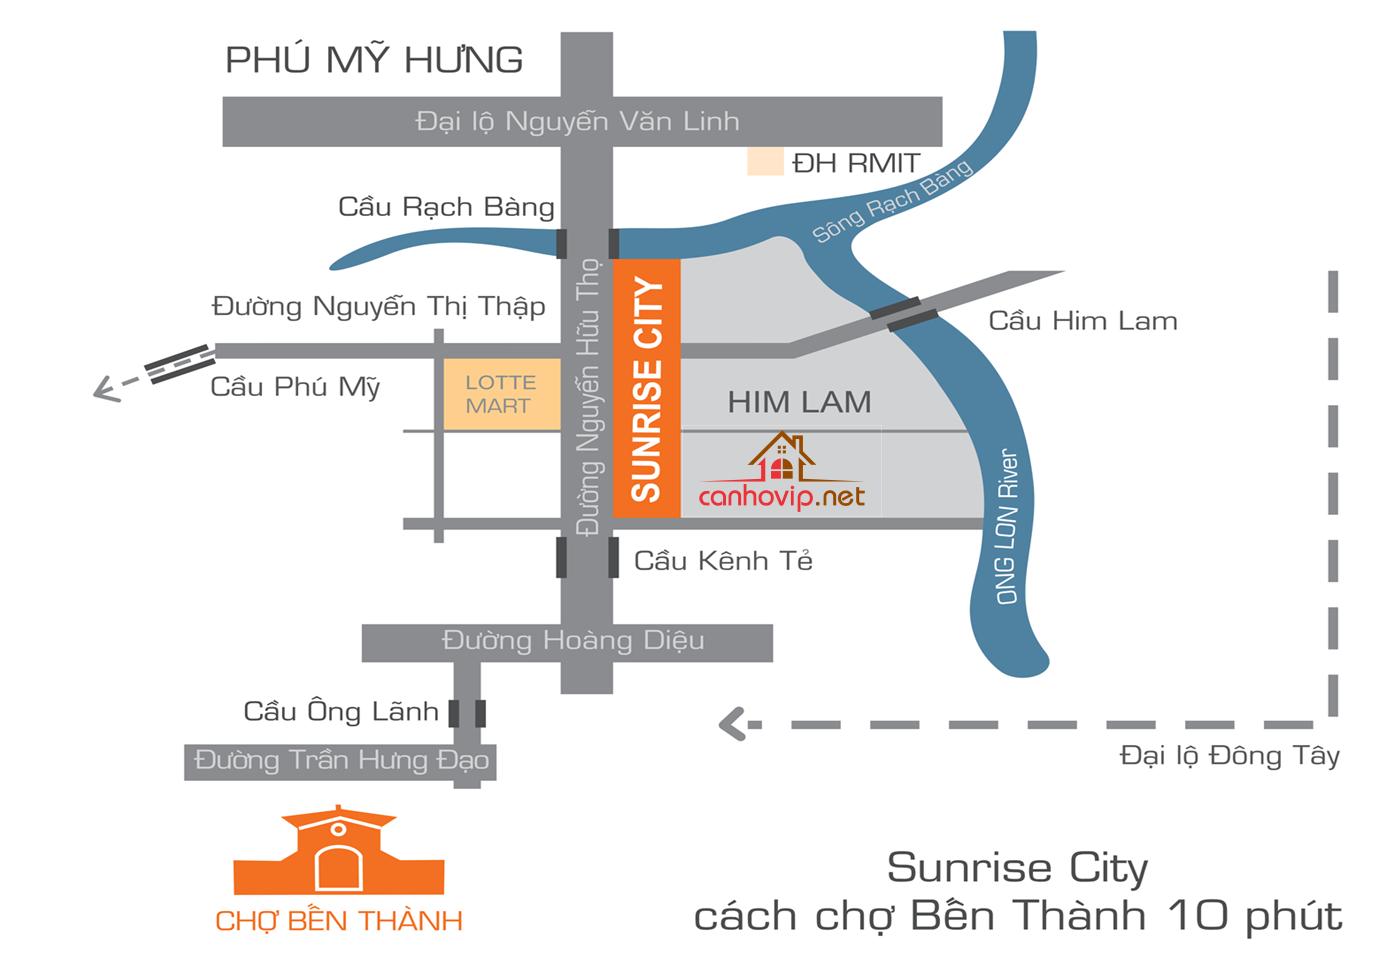 Căn hộ Sunrise City quận 7 cho thuê theo tháng